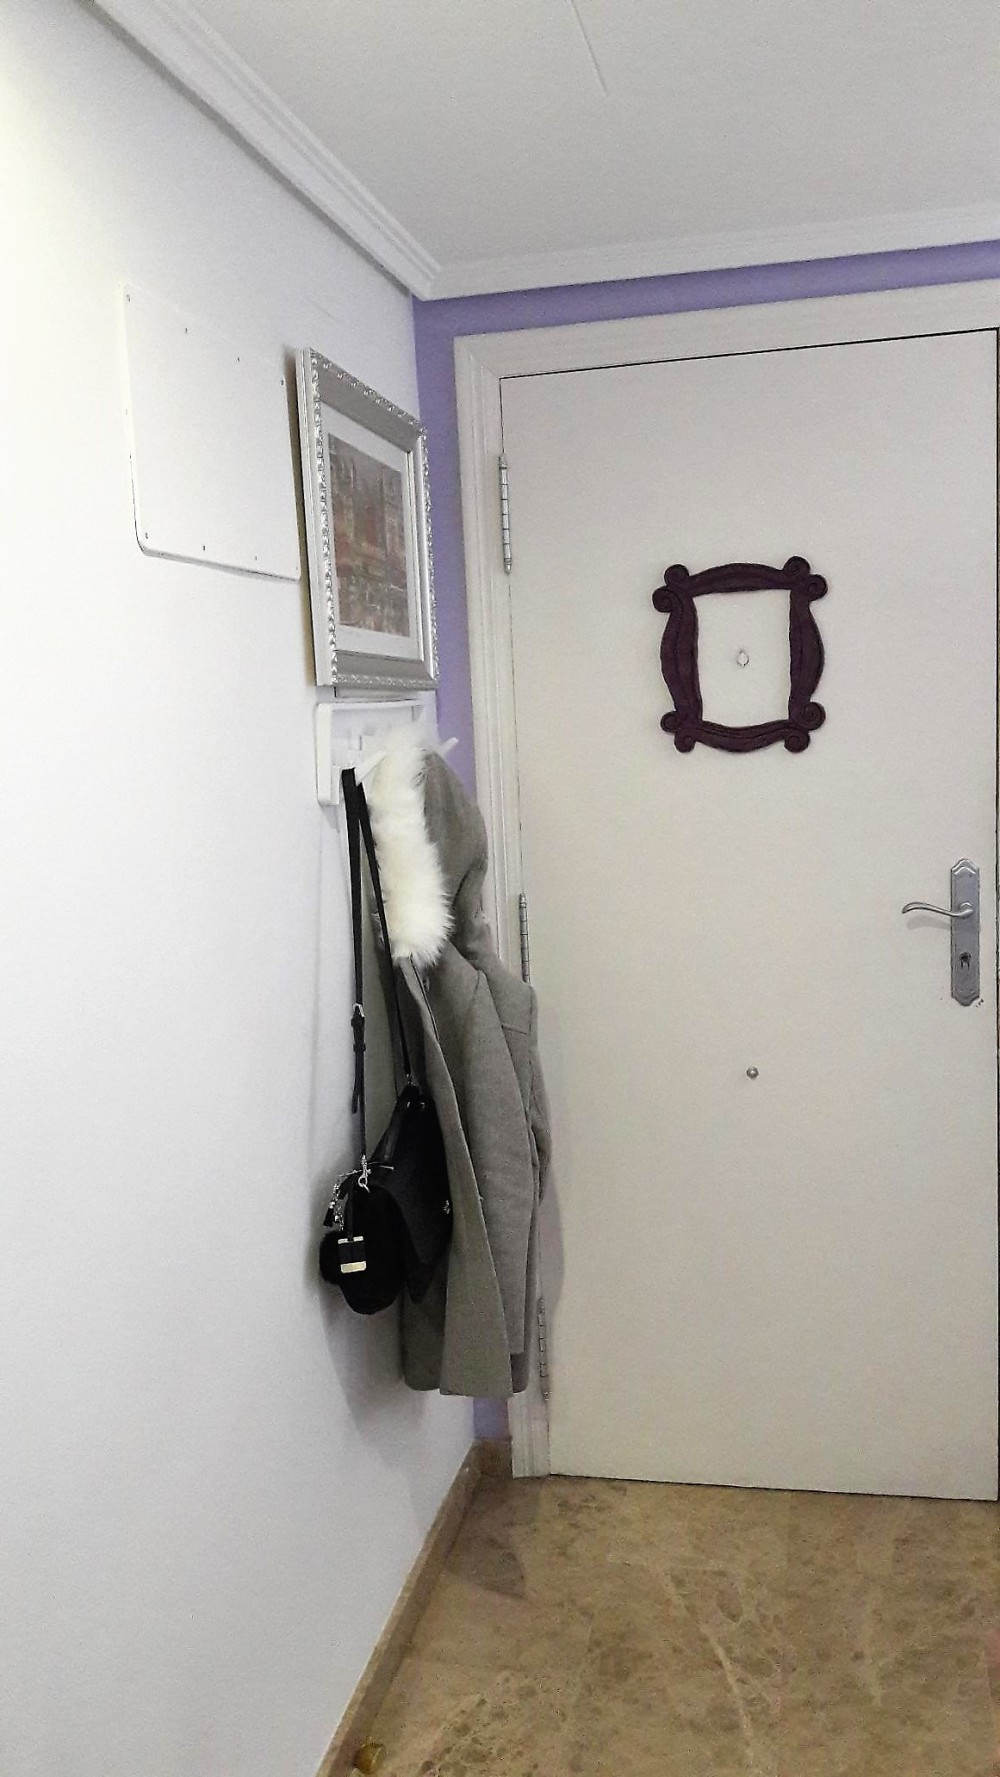 Trasera puerta recibidor.jpg